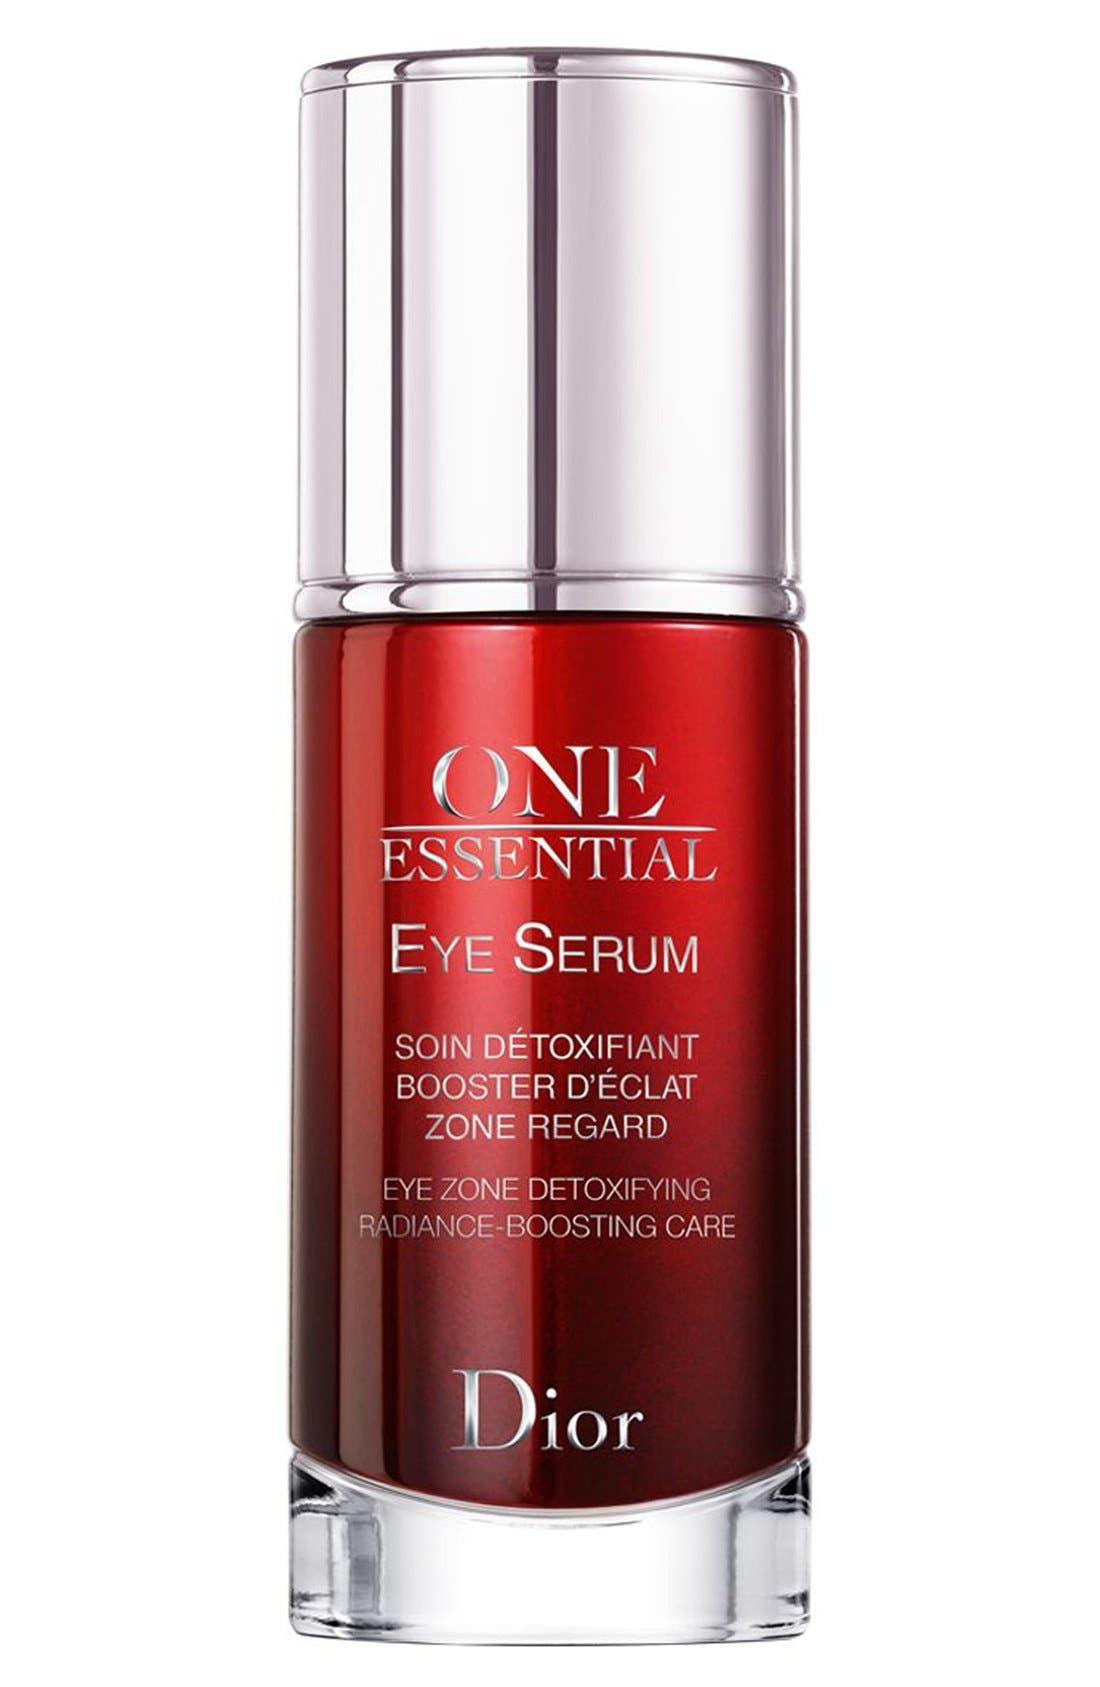 Dior 'One Essential' Eye Serum